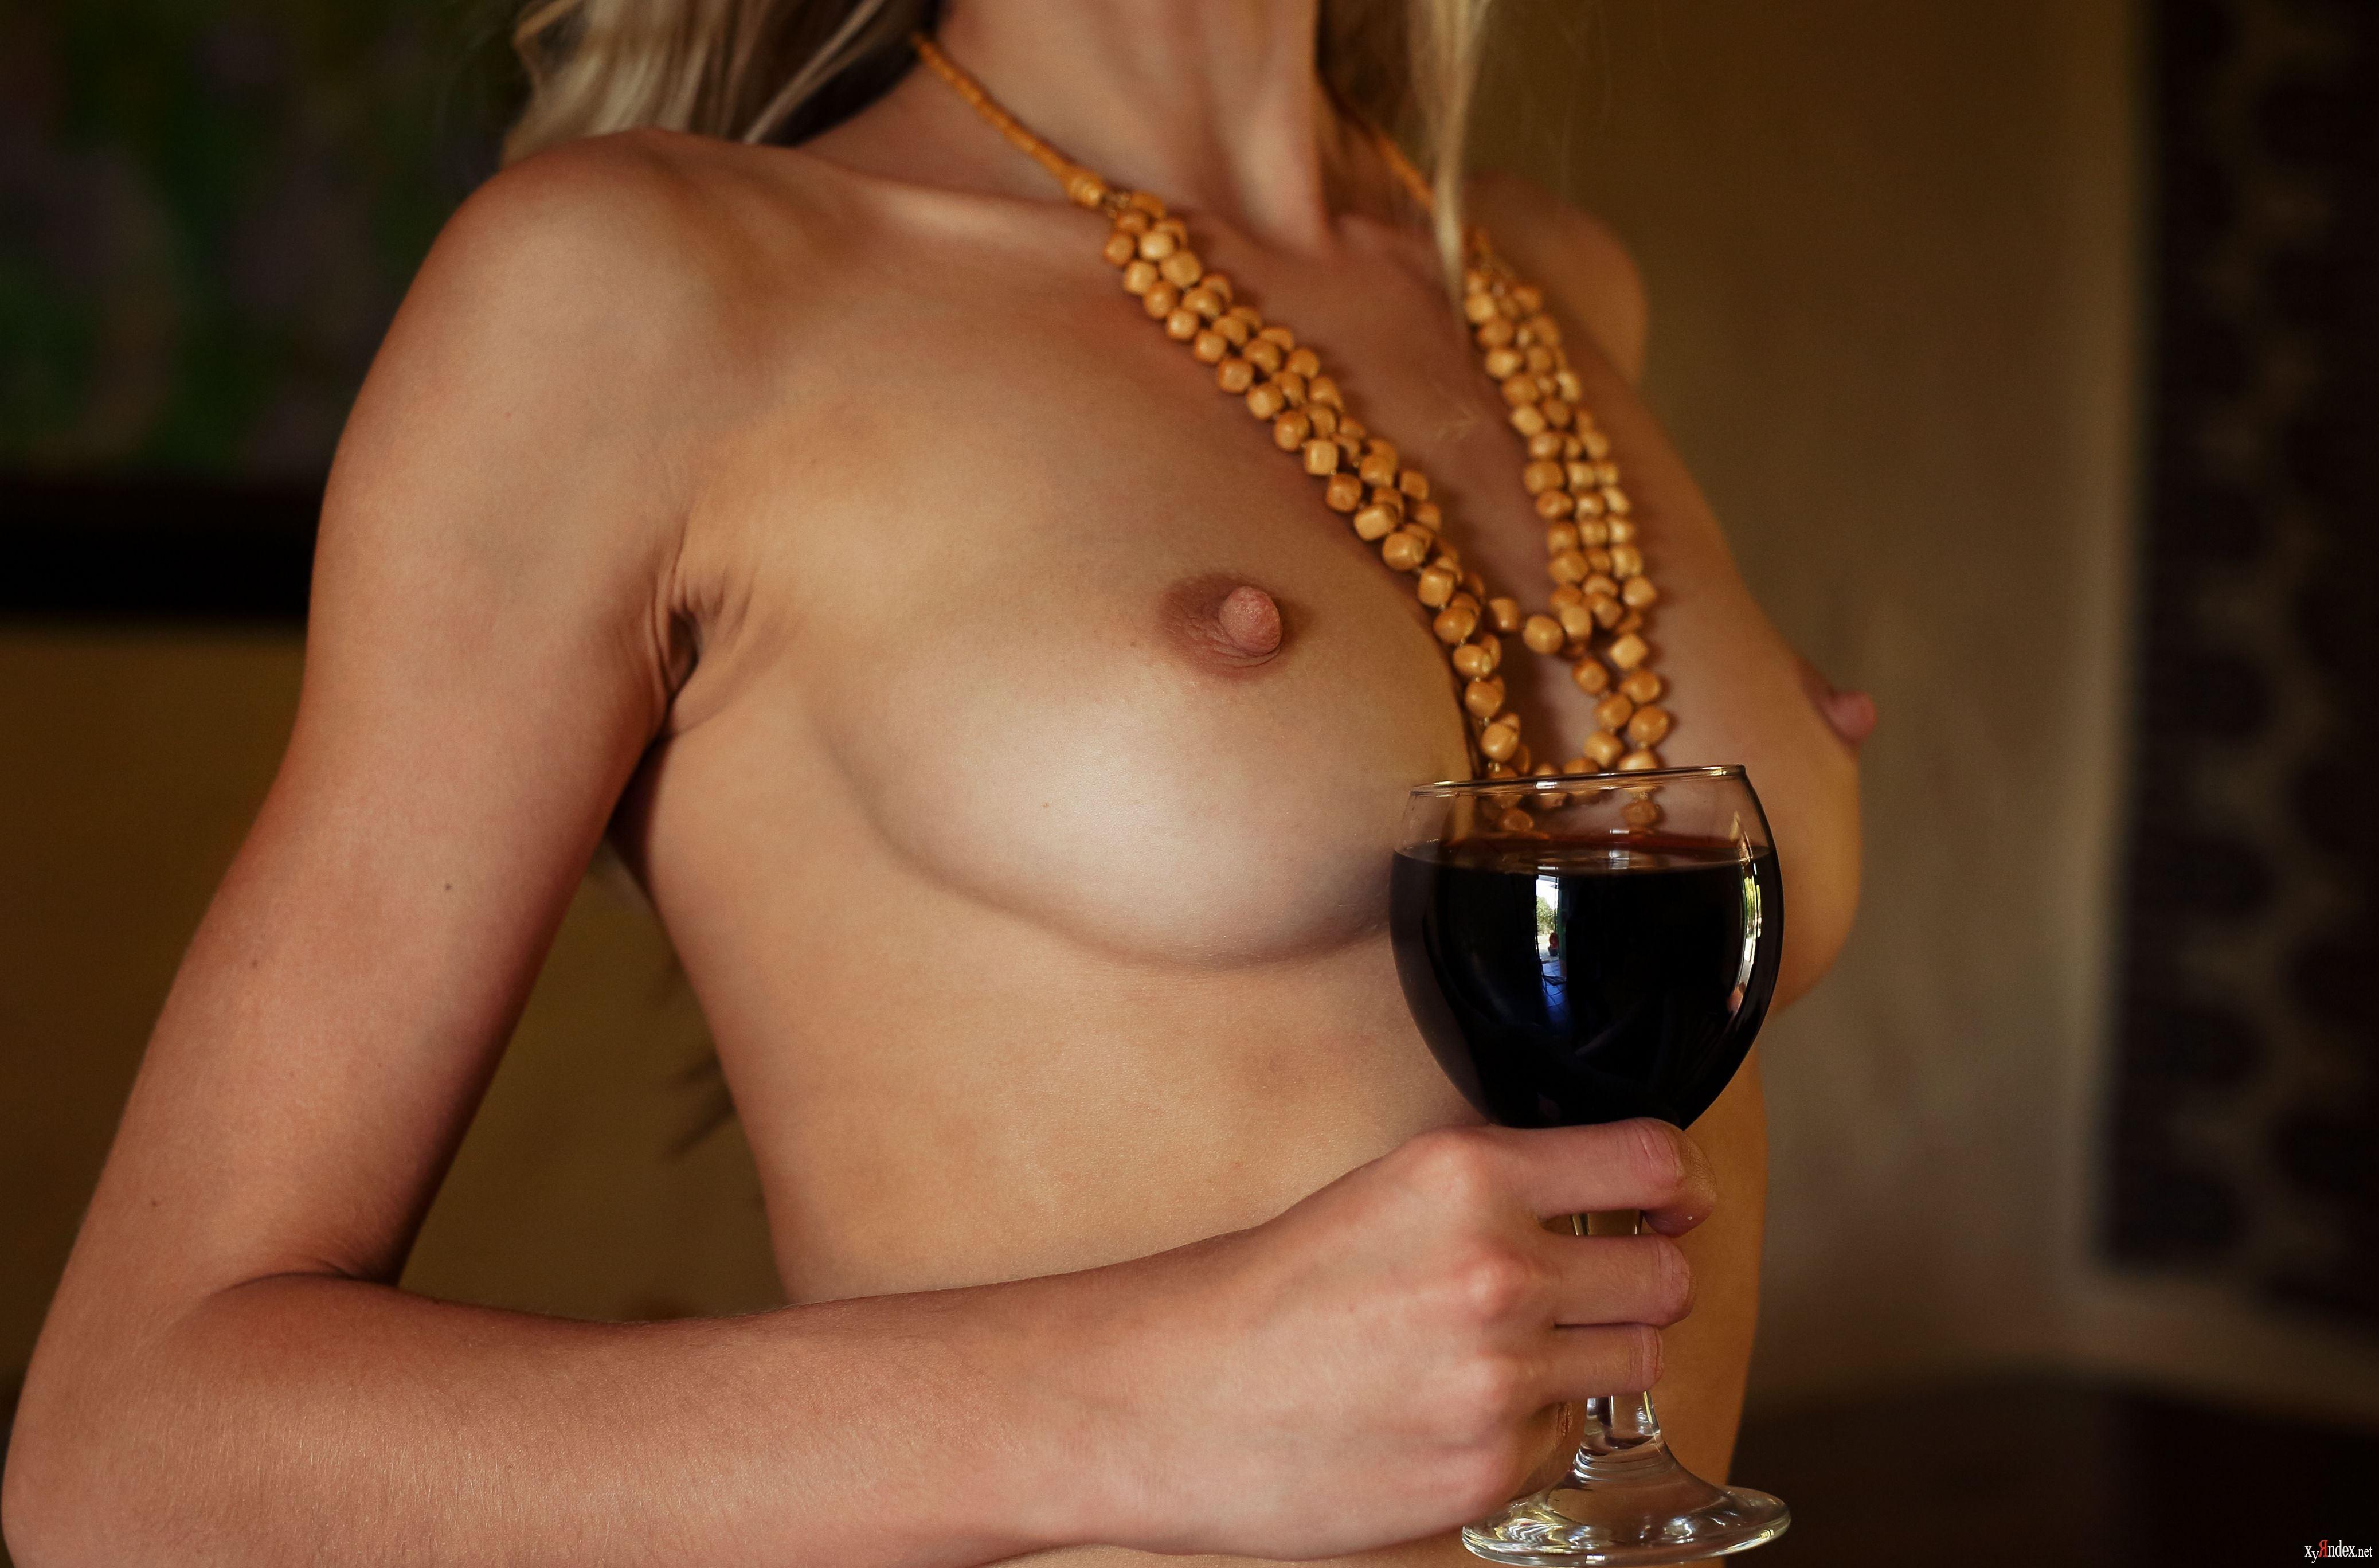 wine-nudes